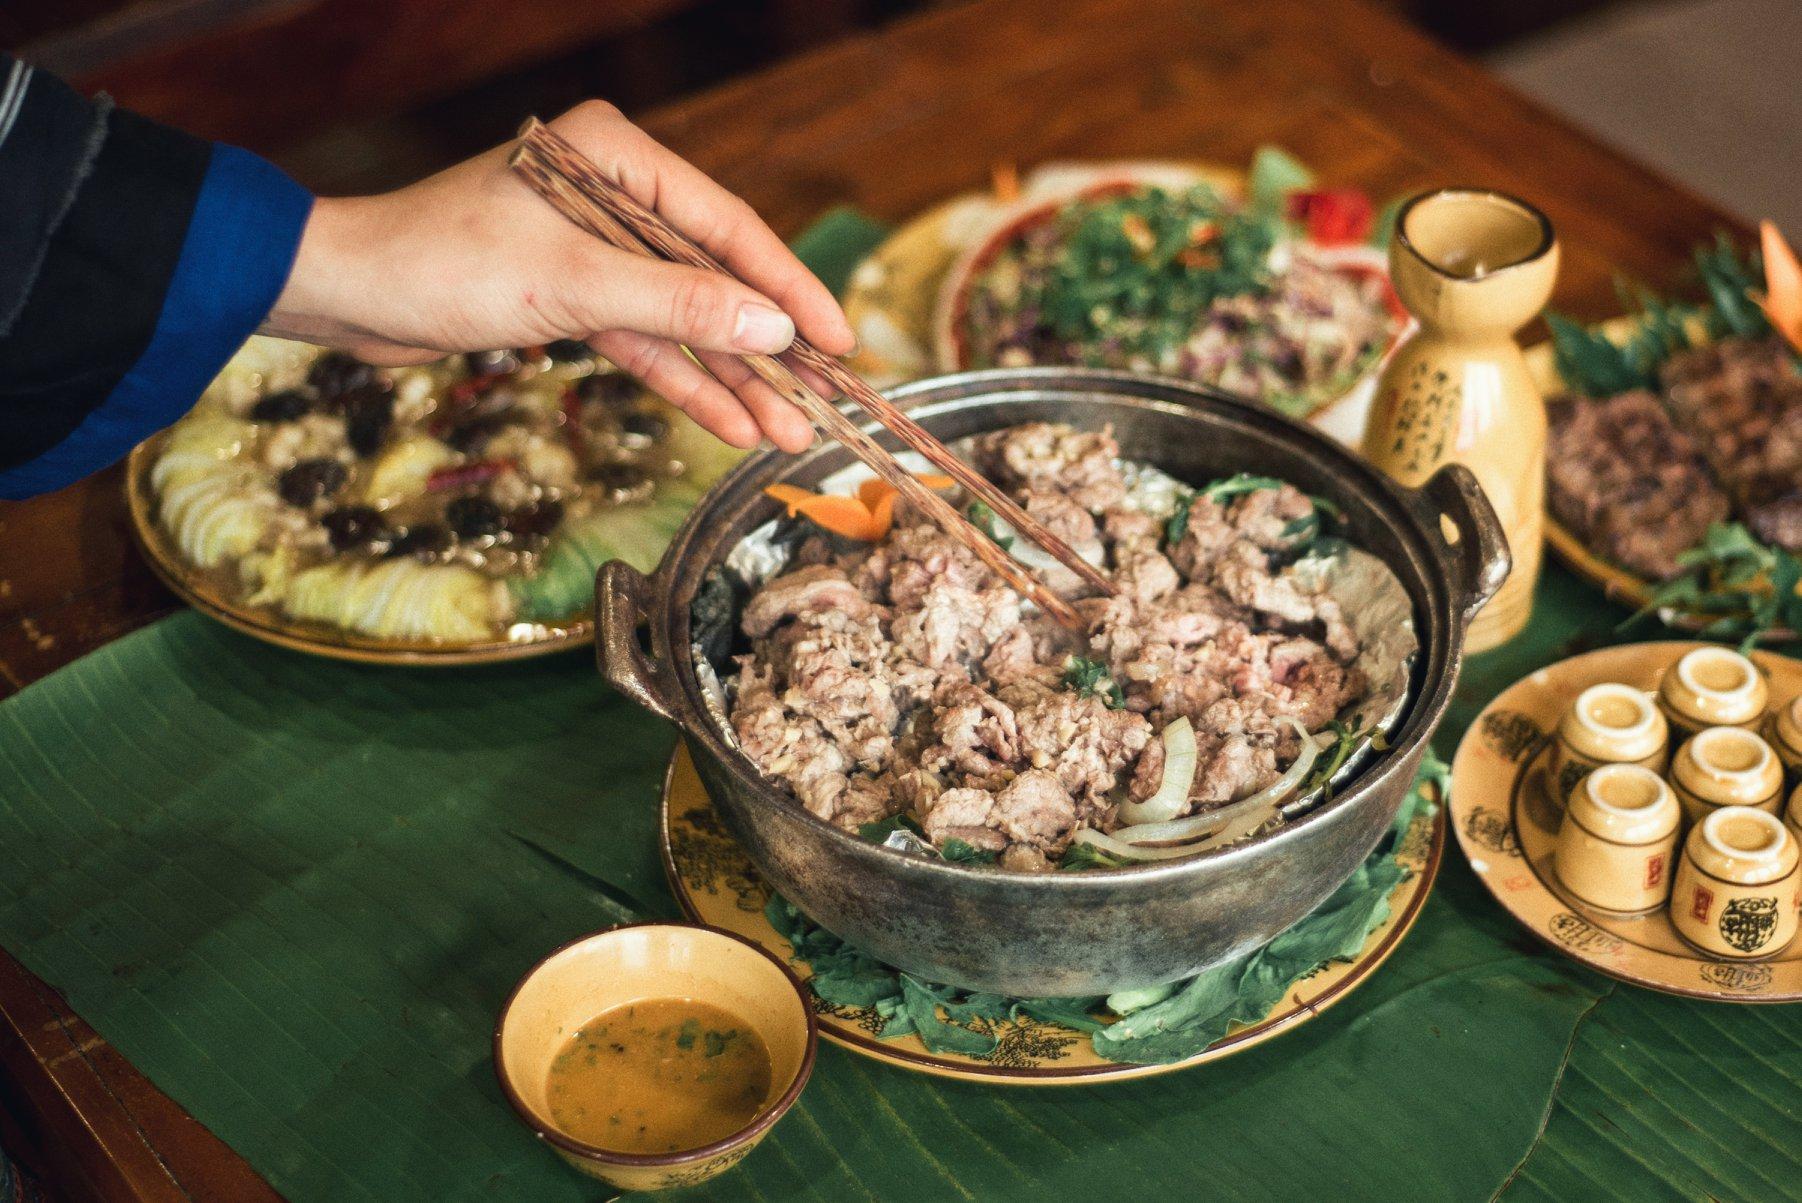 Khám phá những nhà hàng ở Sapa được hội sành ăn 'review' nhiều nhất  - Ảnh 2.